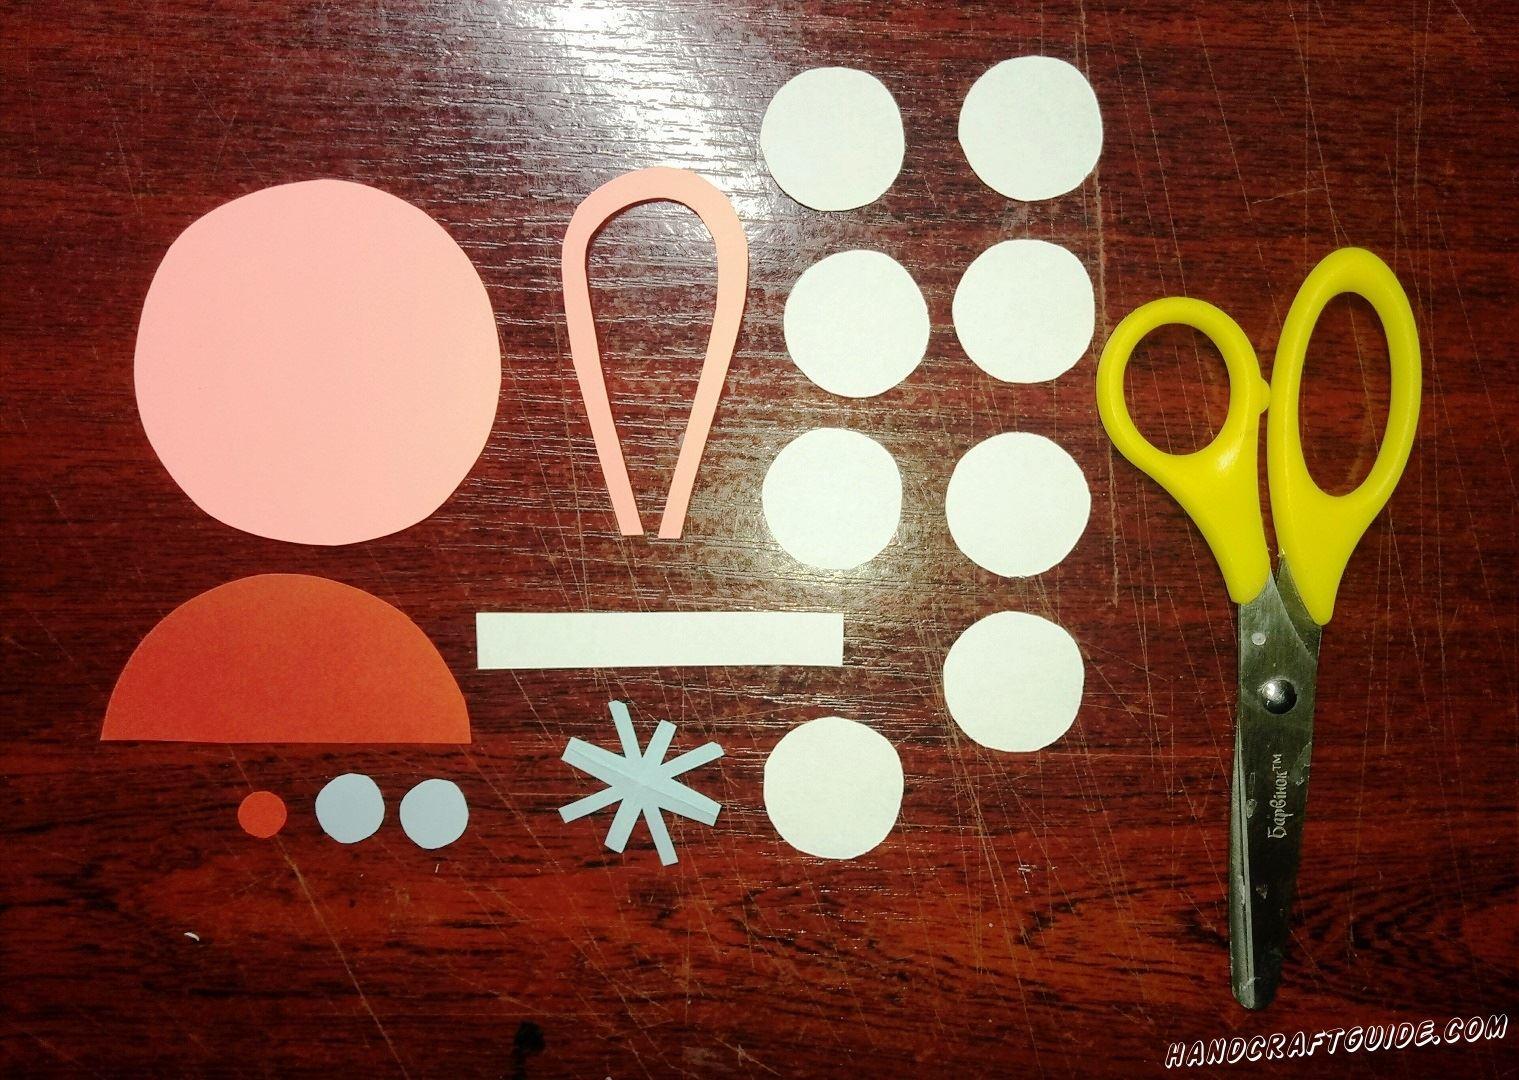 Берем в руки бумагу, ножницы и вырезаем восемь одинаковых белых кружочков. Также нам нужно вырезать белую полоску, голубую звёздочку и два кружочка, большой полукруг и маленький кружочек белого цвета. Также нам нужен большой розовый круг и петелька